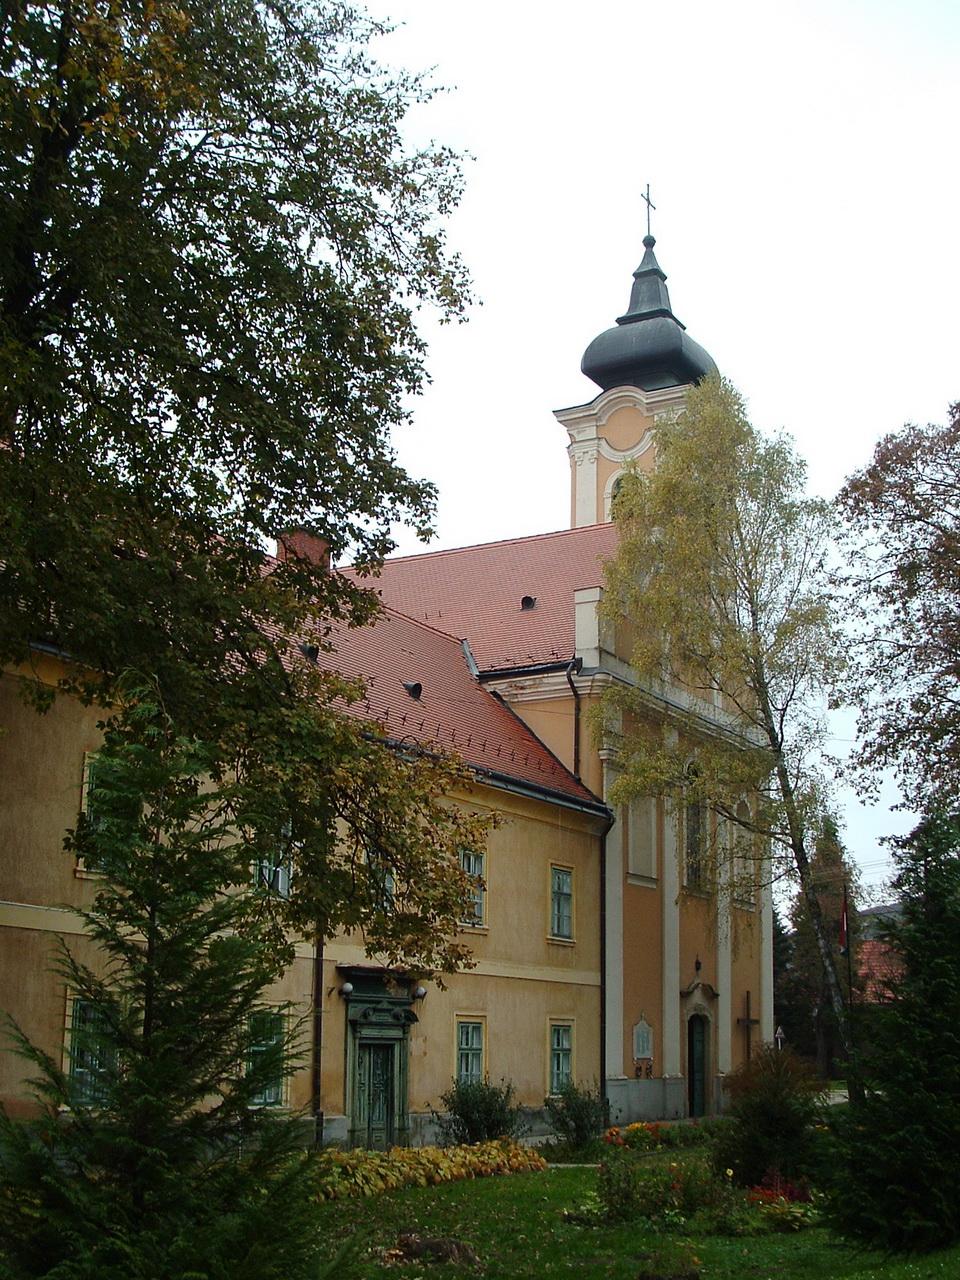 The church and monastery of Bakonybél